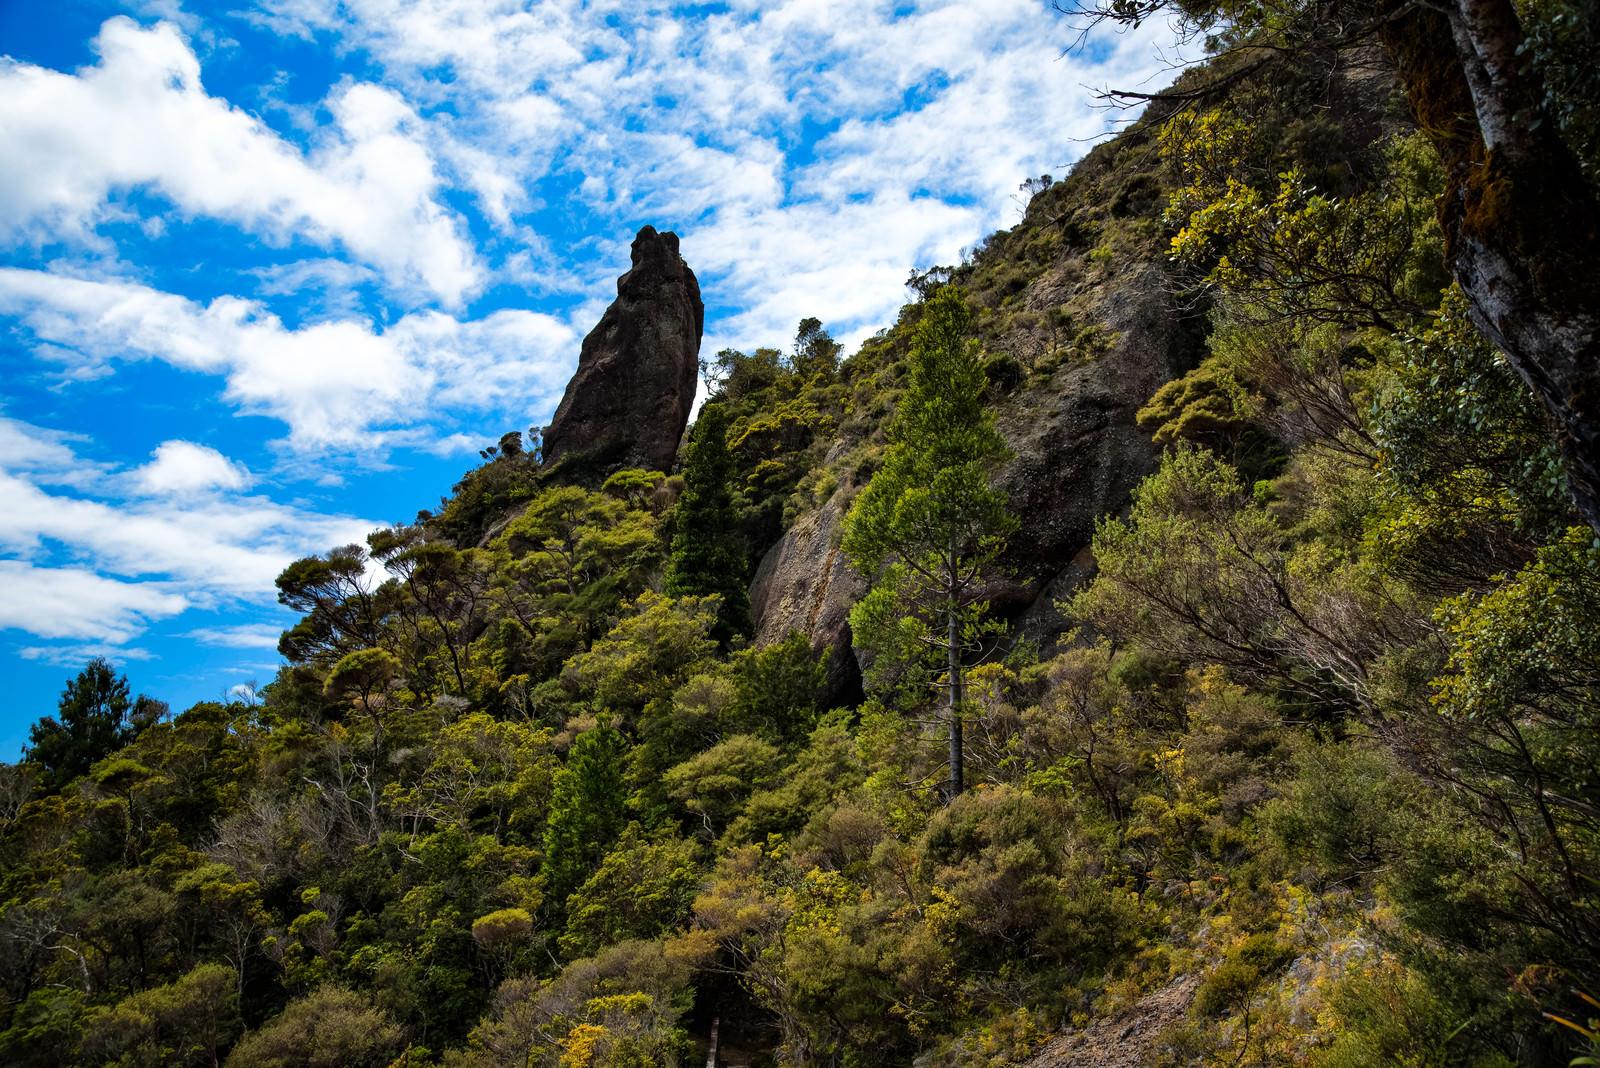 「ウィンディキャニオンに聳え立つ巨岩(ニュージーランド)」の写真